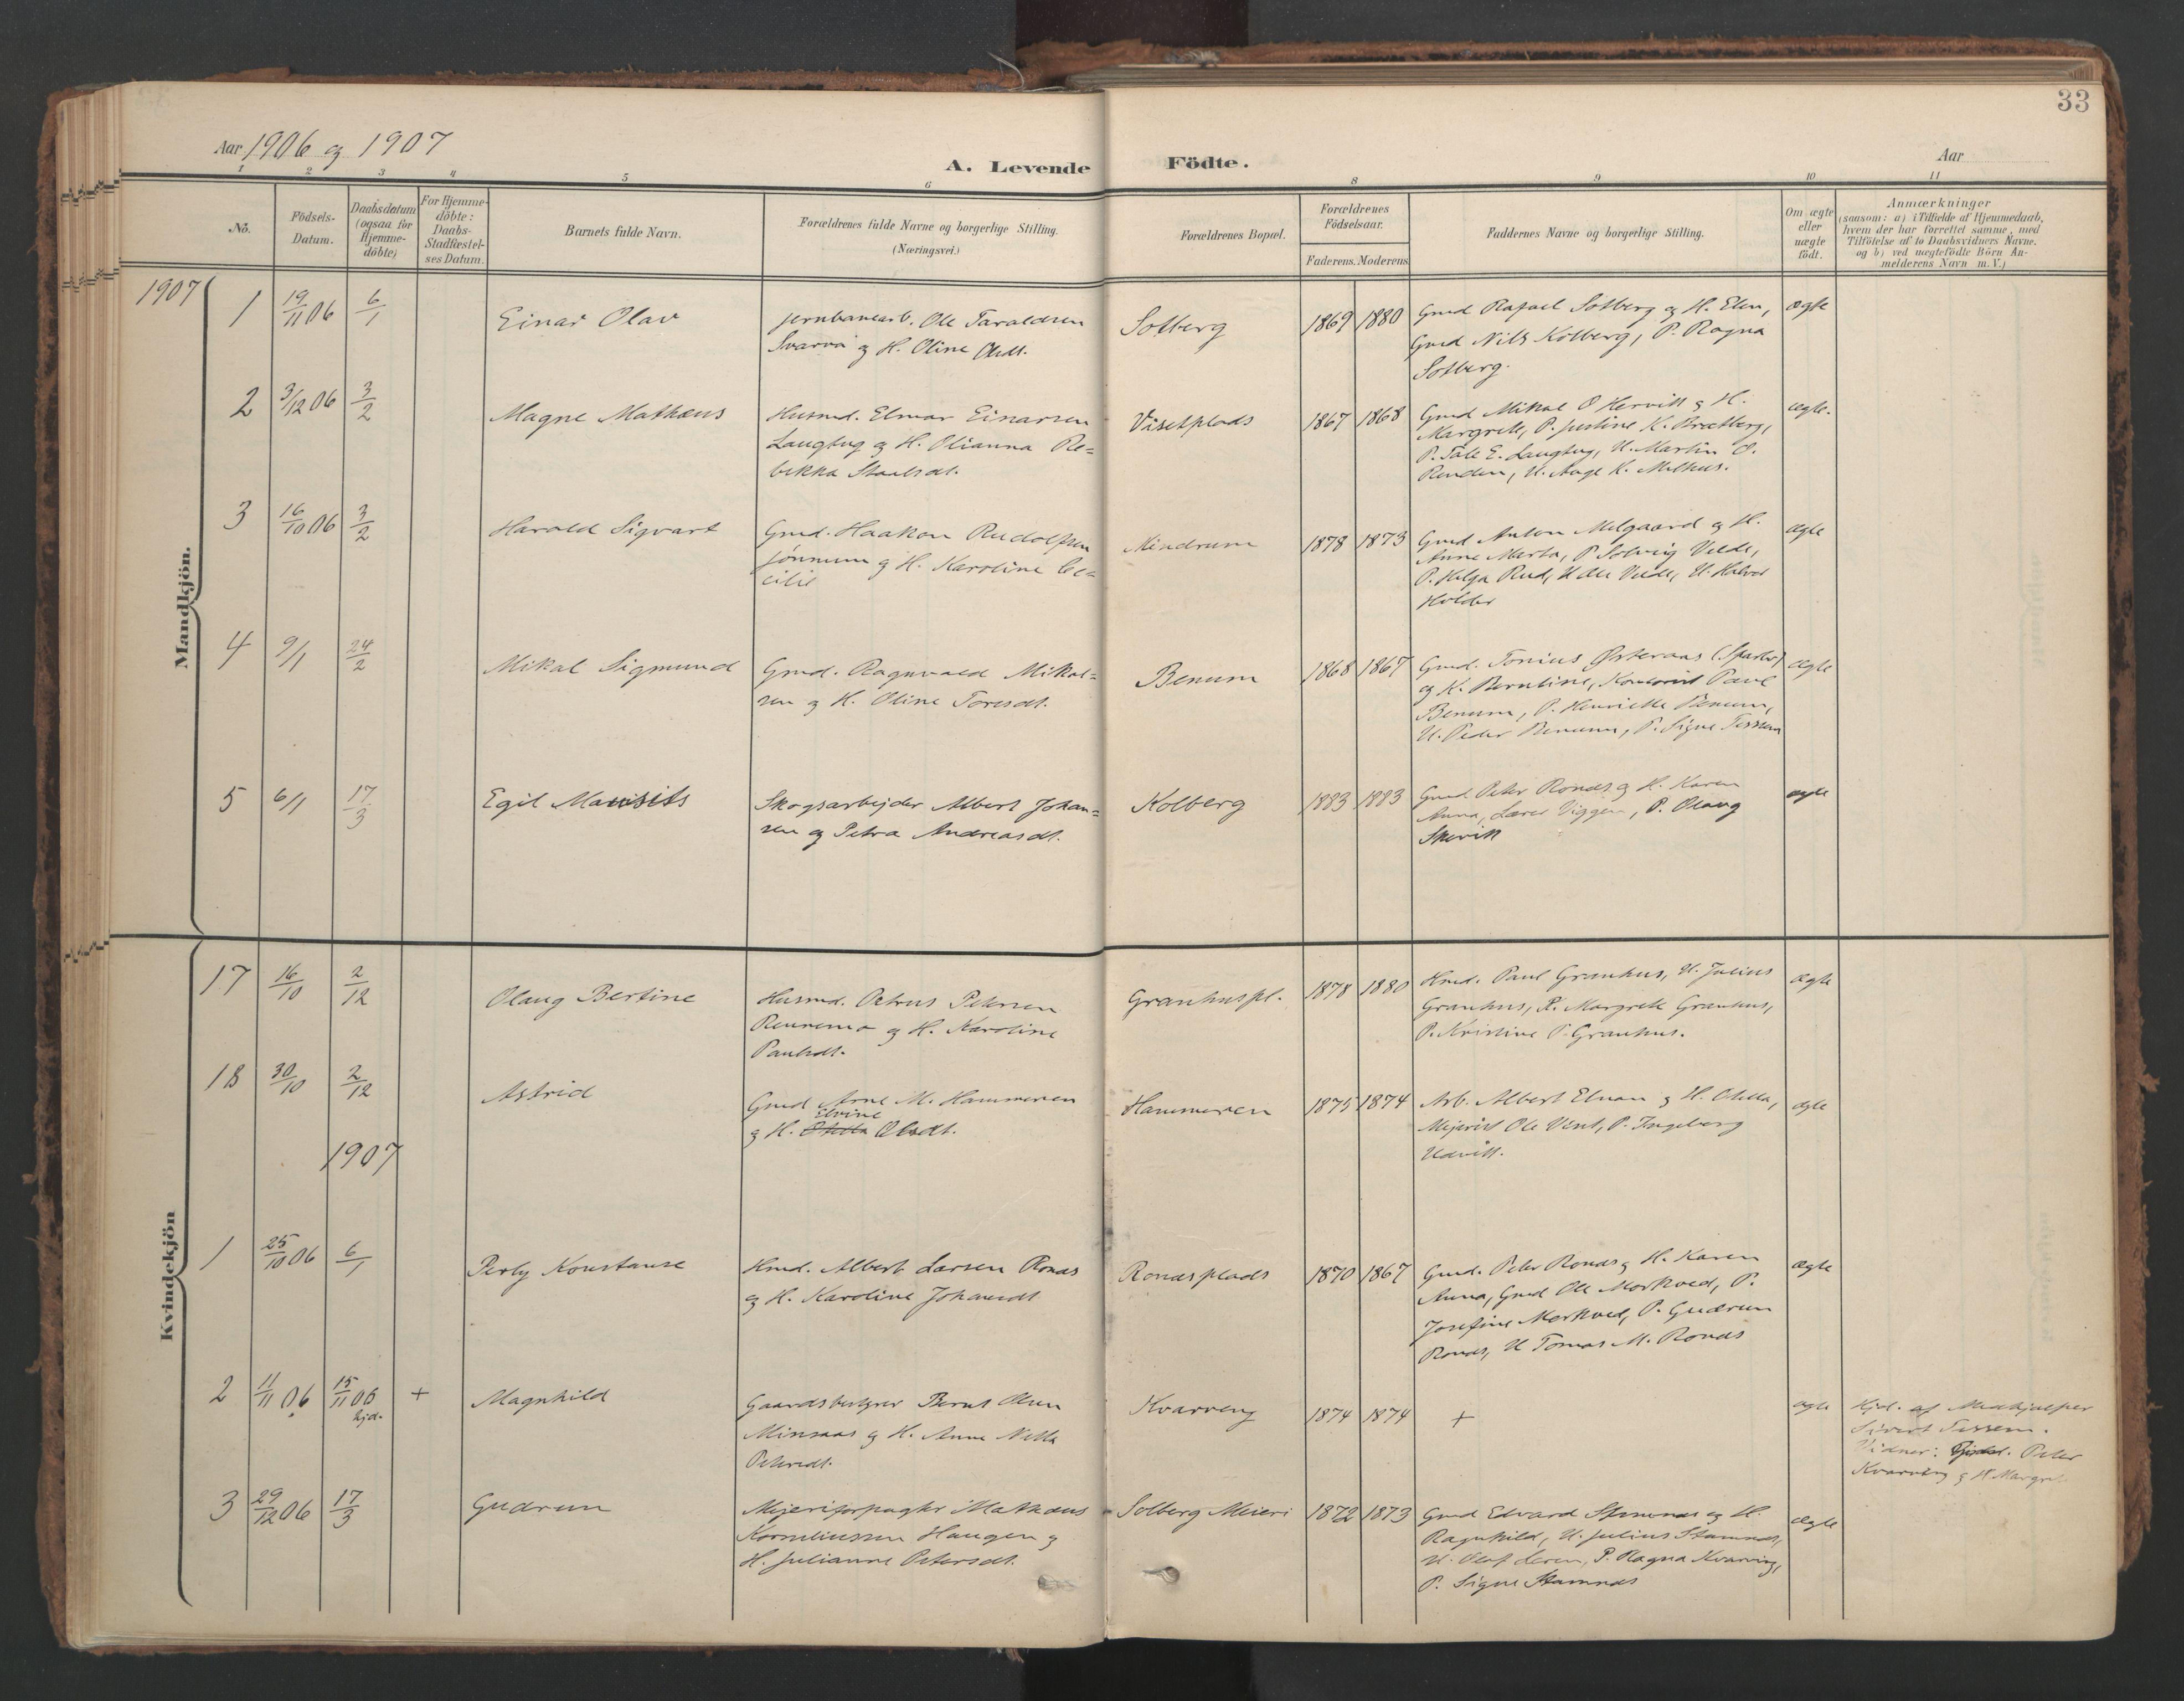 SAT, Ministerialprotokoller, klokkerbøker og fødselsregistre - Nord-Trøndelag, 741/L0397: Ministerialbok nr. 741A11, 1901-1911, s. 33